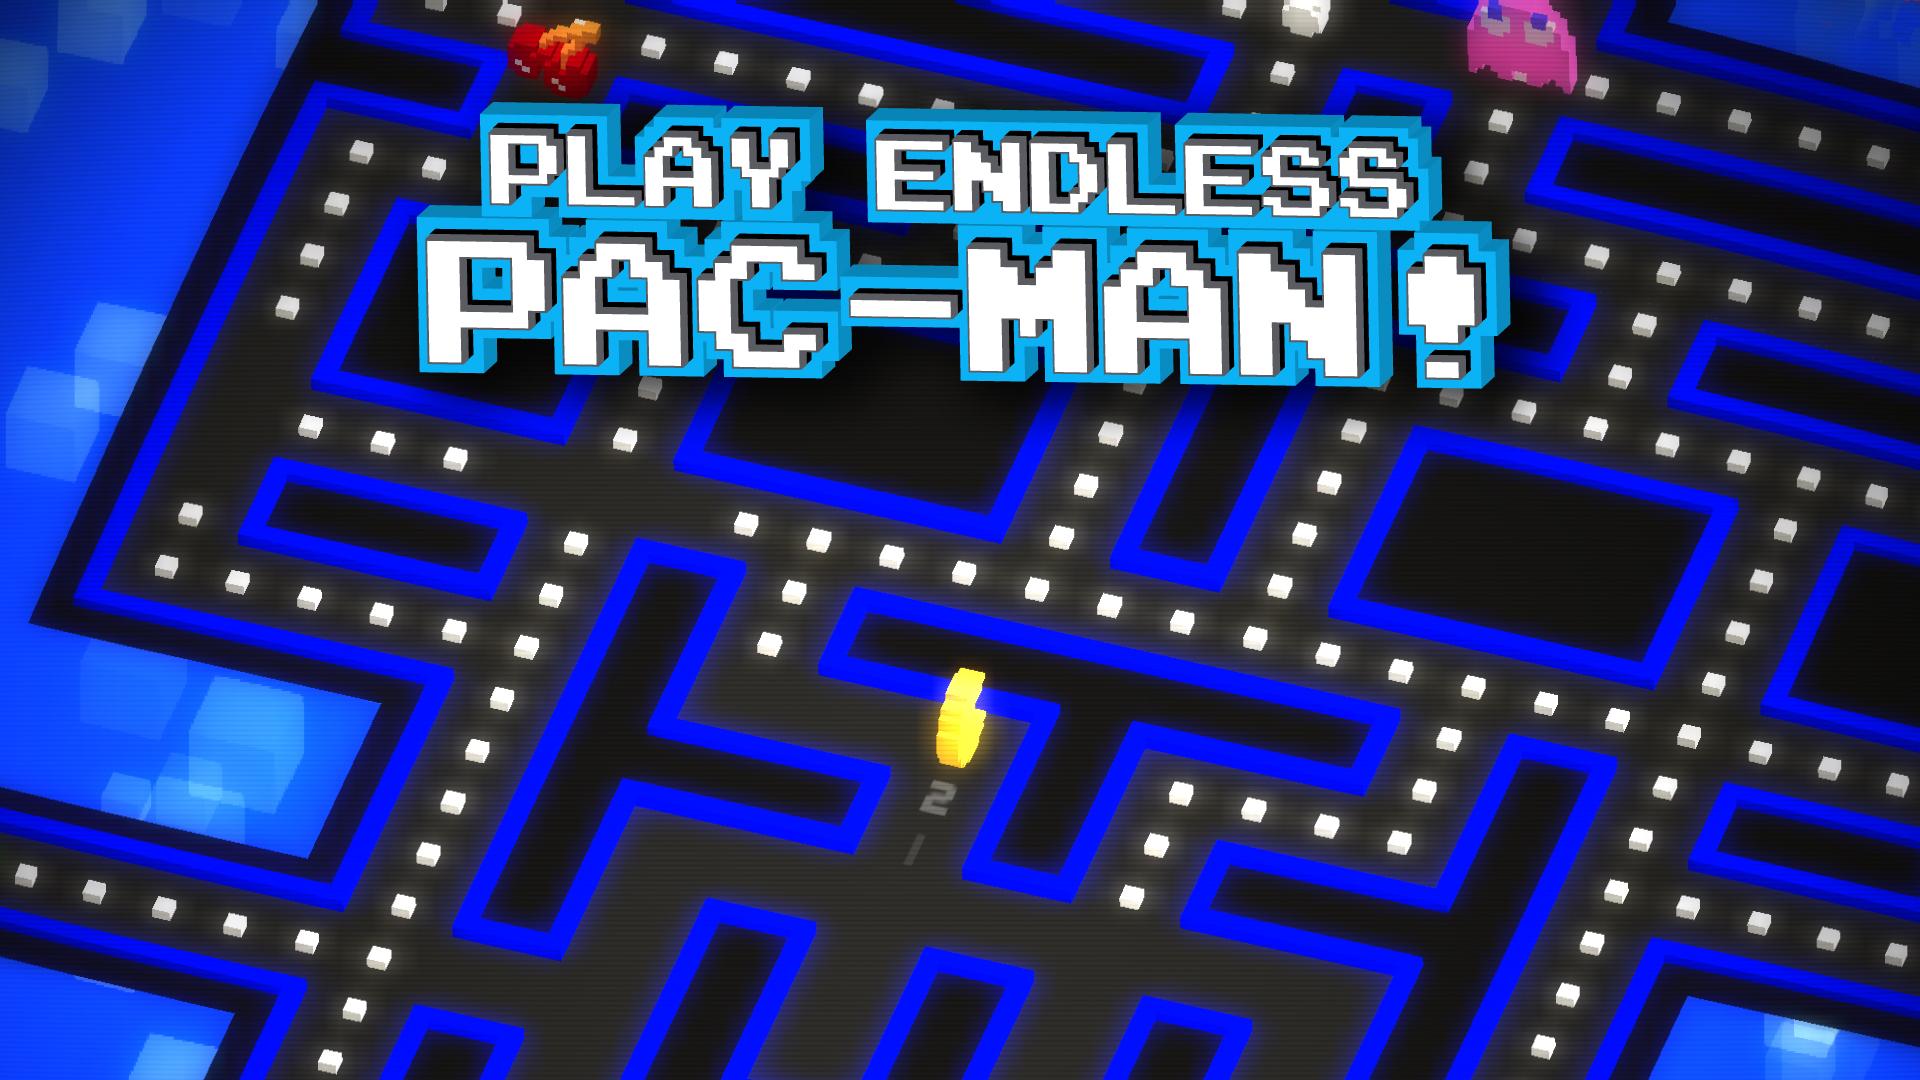 PAC-MAN 256 - Endless Arcade Maze screenshot 11